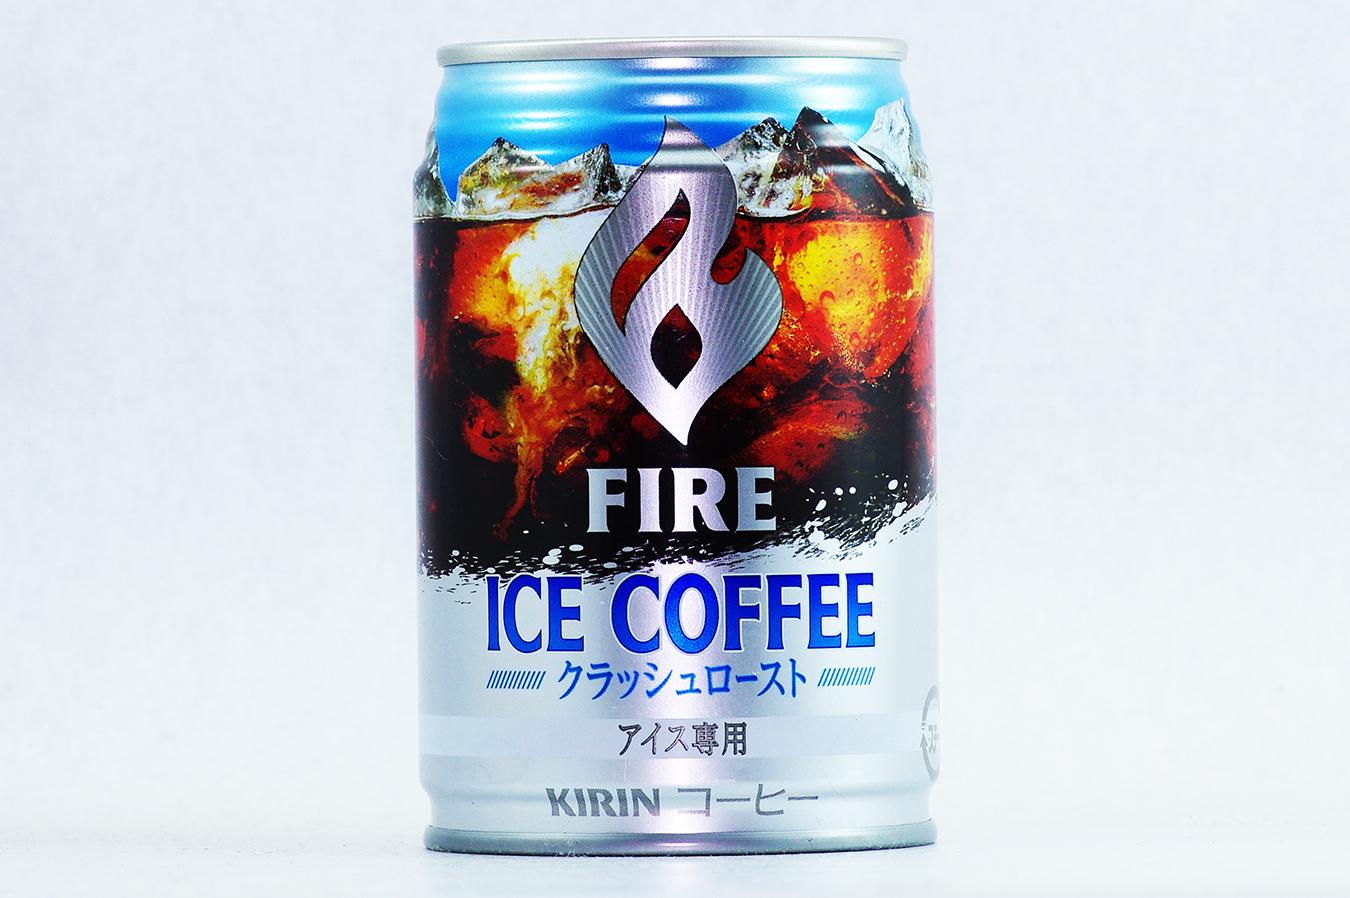 FIRE アイスコーヒー 2017年4月